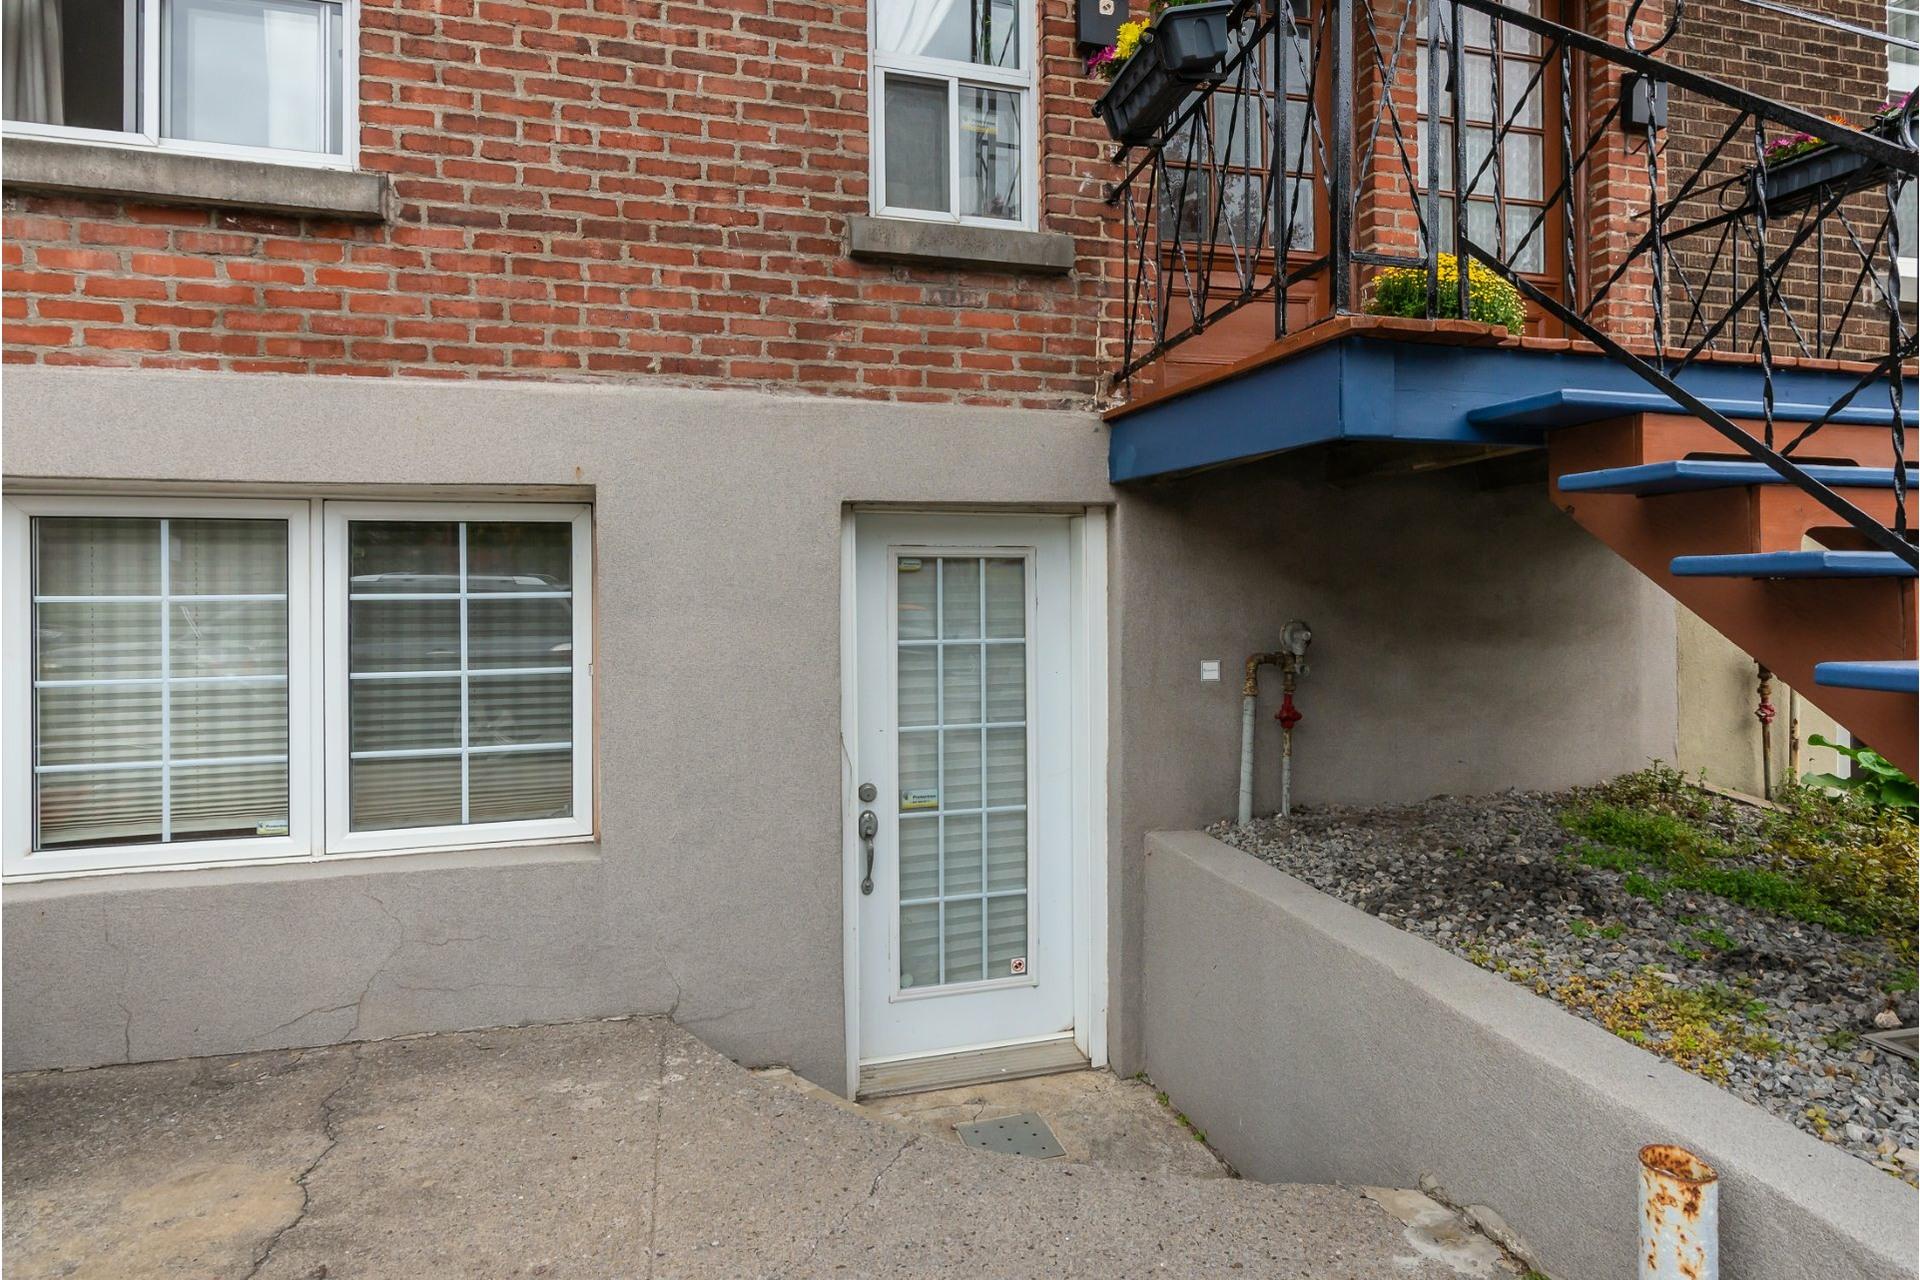 image 50 - Duplex À vendre Côte-des-Neiges/Notre-Dame-de-Grâce Montréal  - 5 pièces